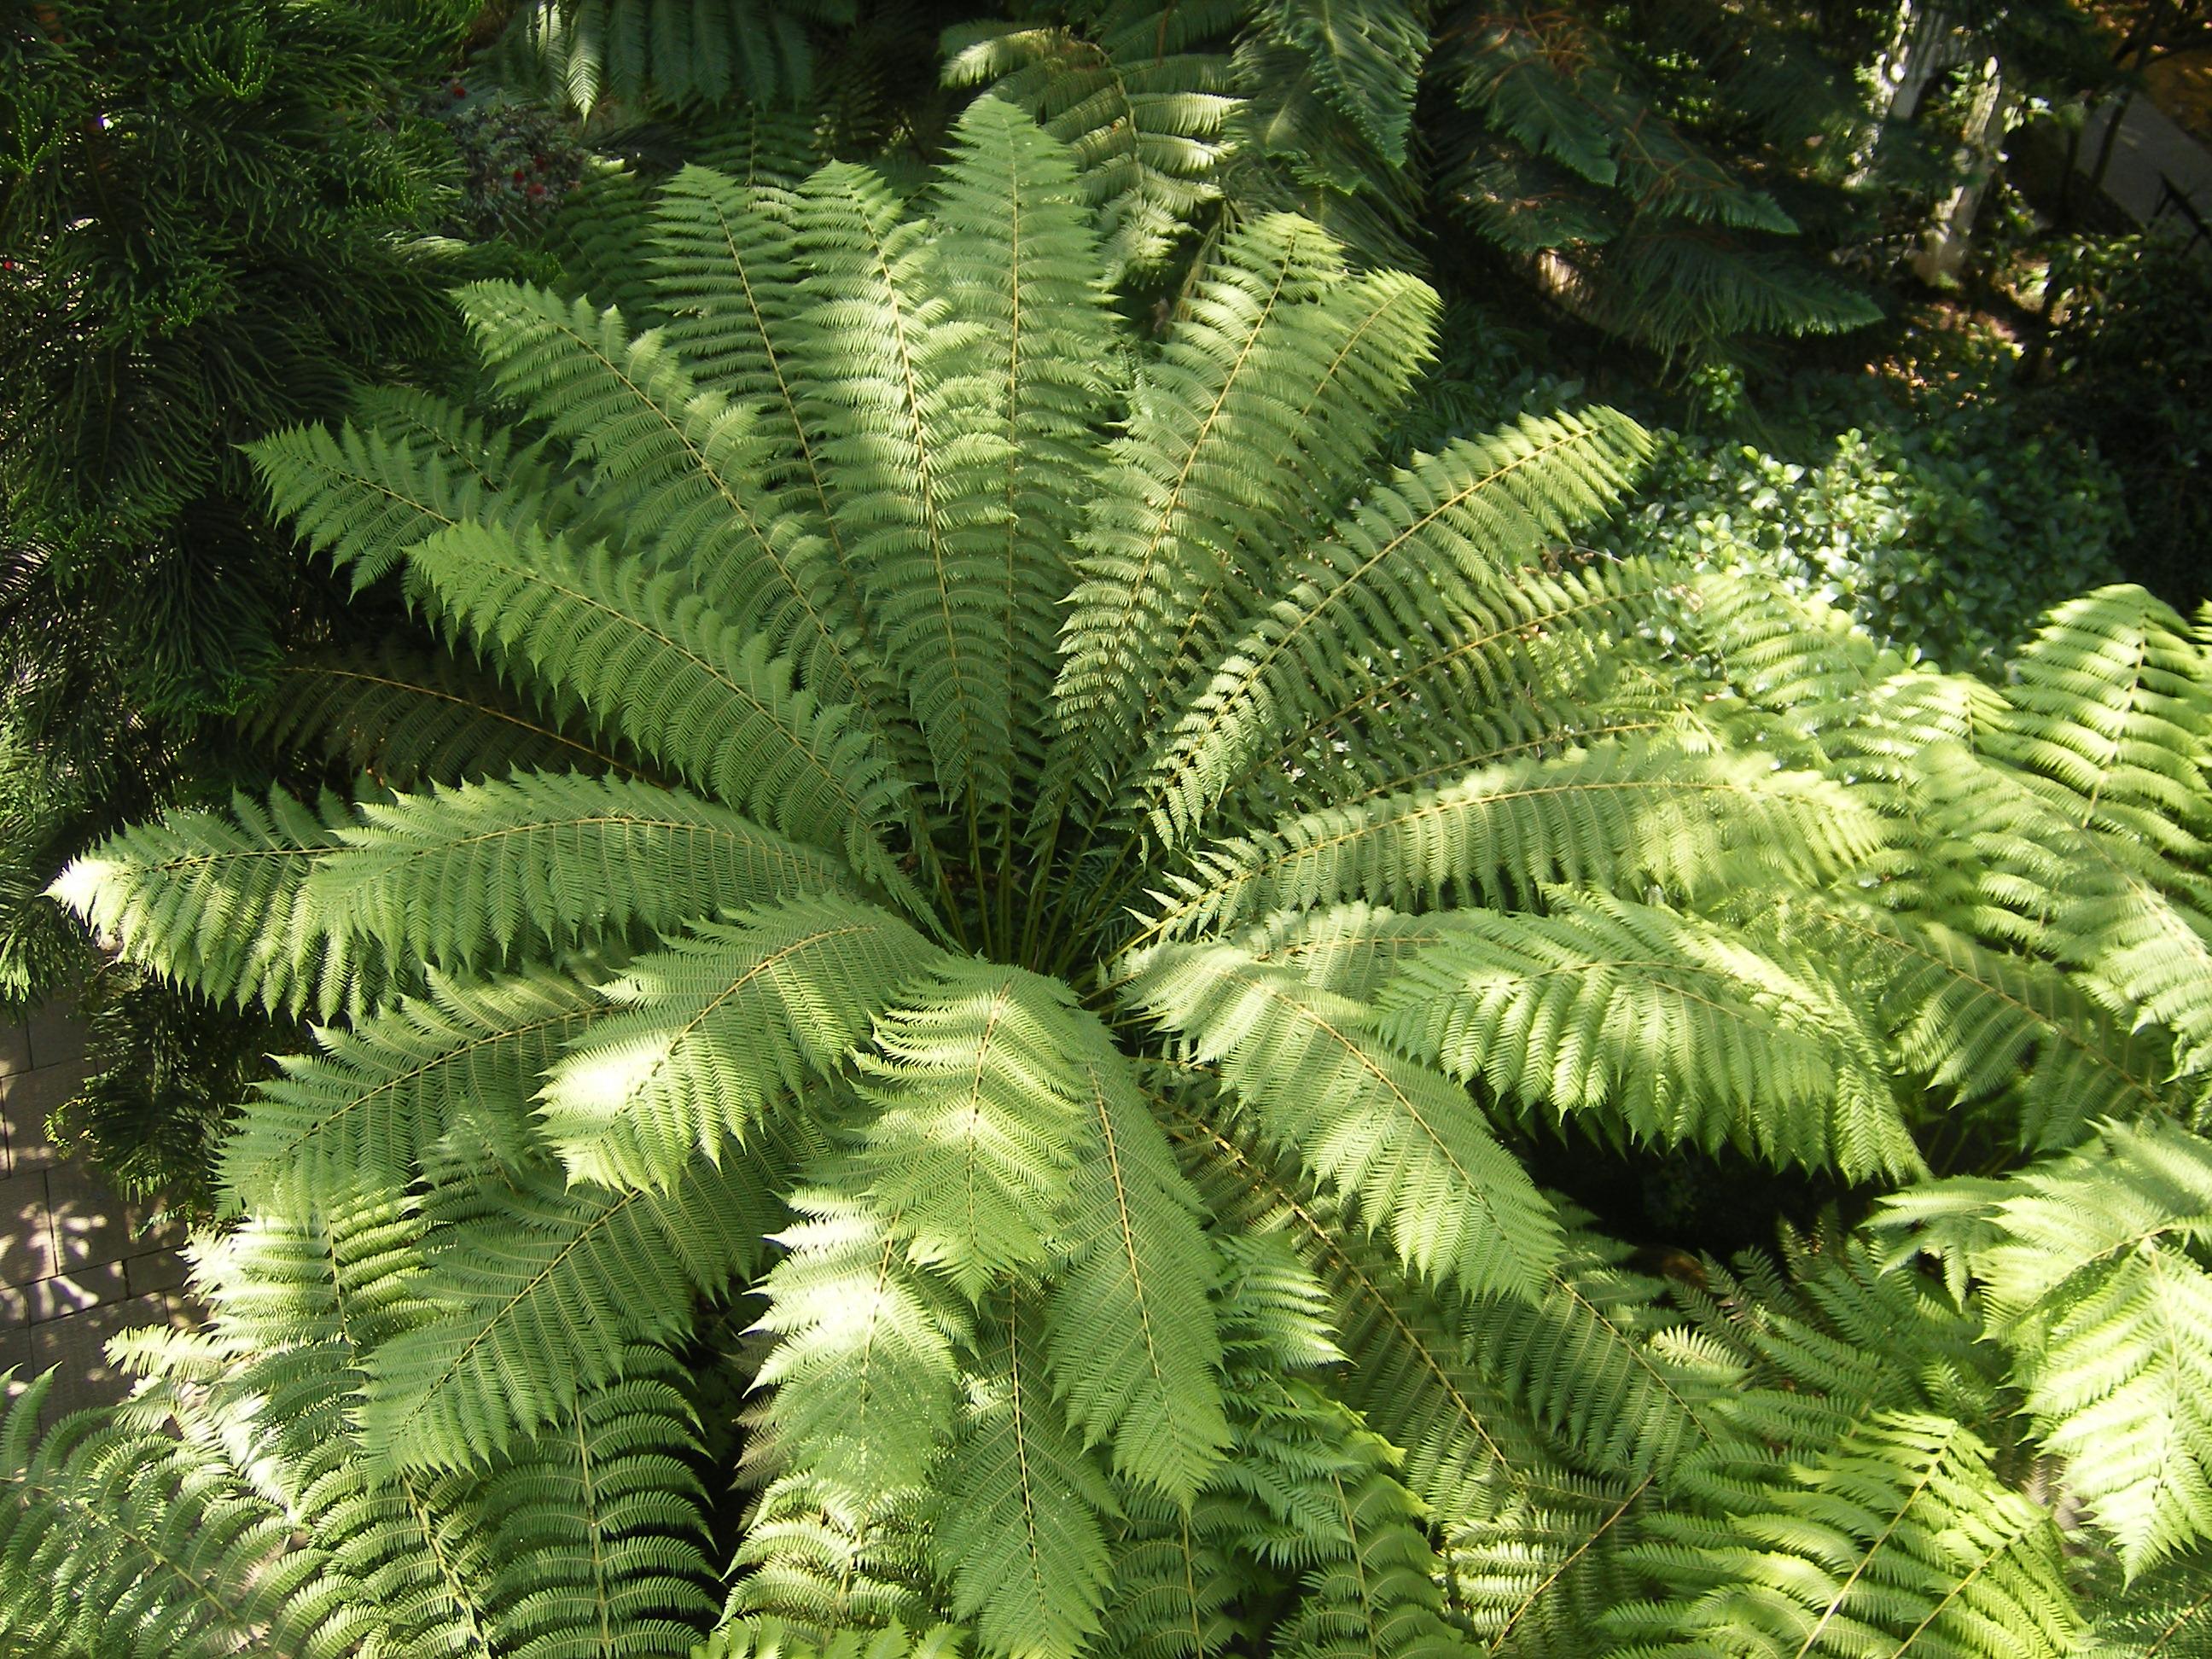 File:Tree Fern At Kew Garden (Steve Parker)